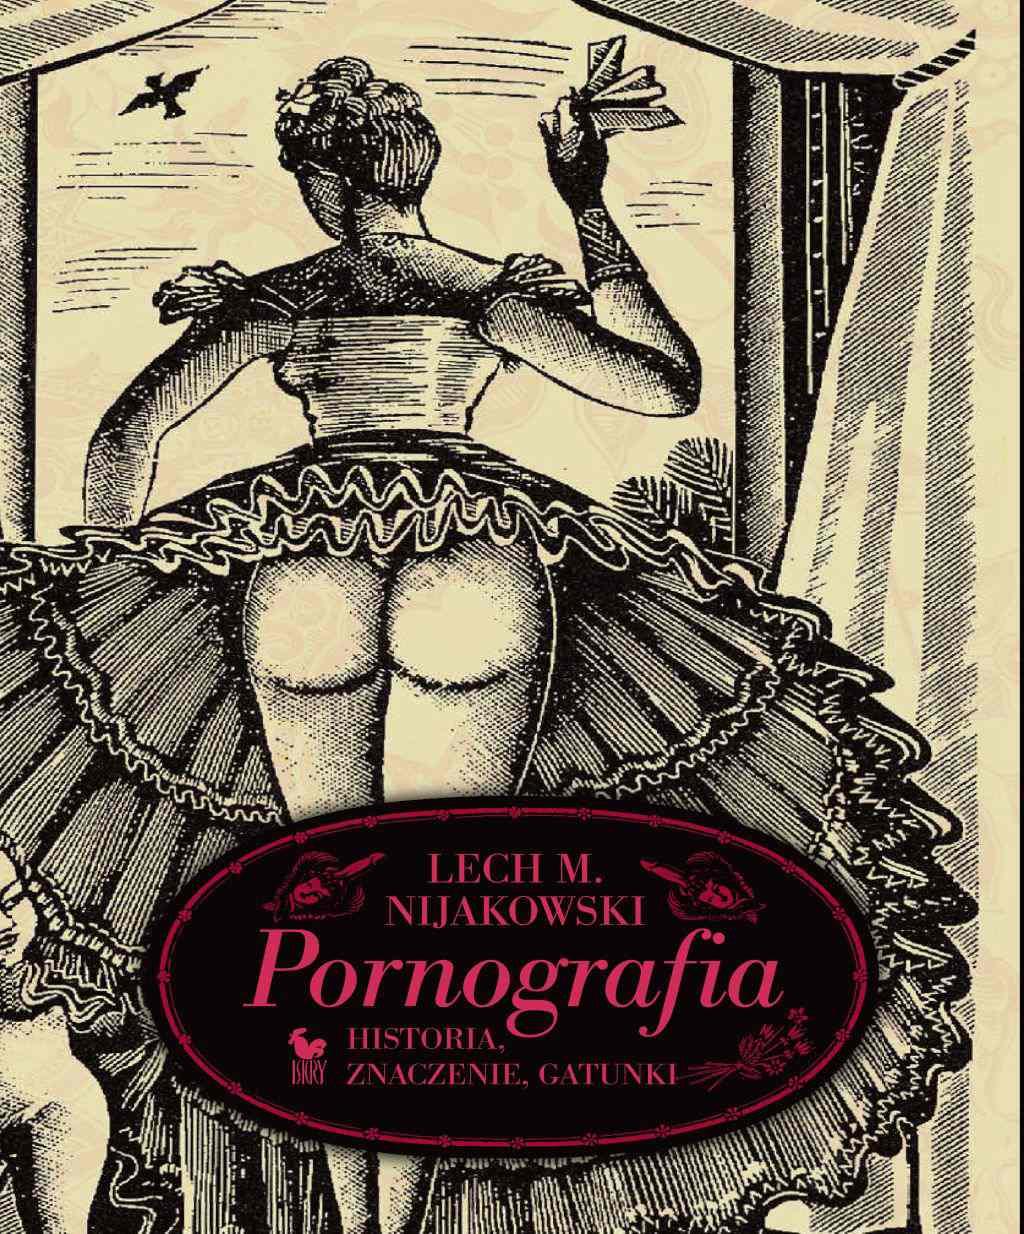 Pornografia. Historia, znaczenie, gatunki - Ebook (Książka EPUB) do pobrania w formacie EPUB